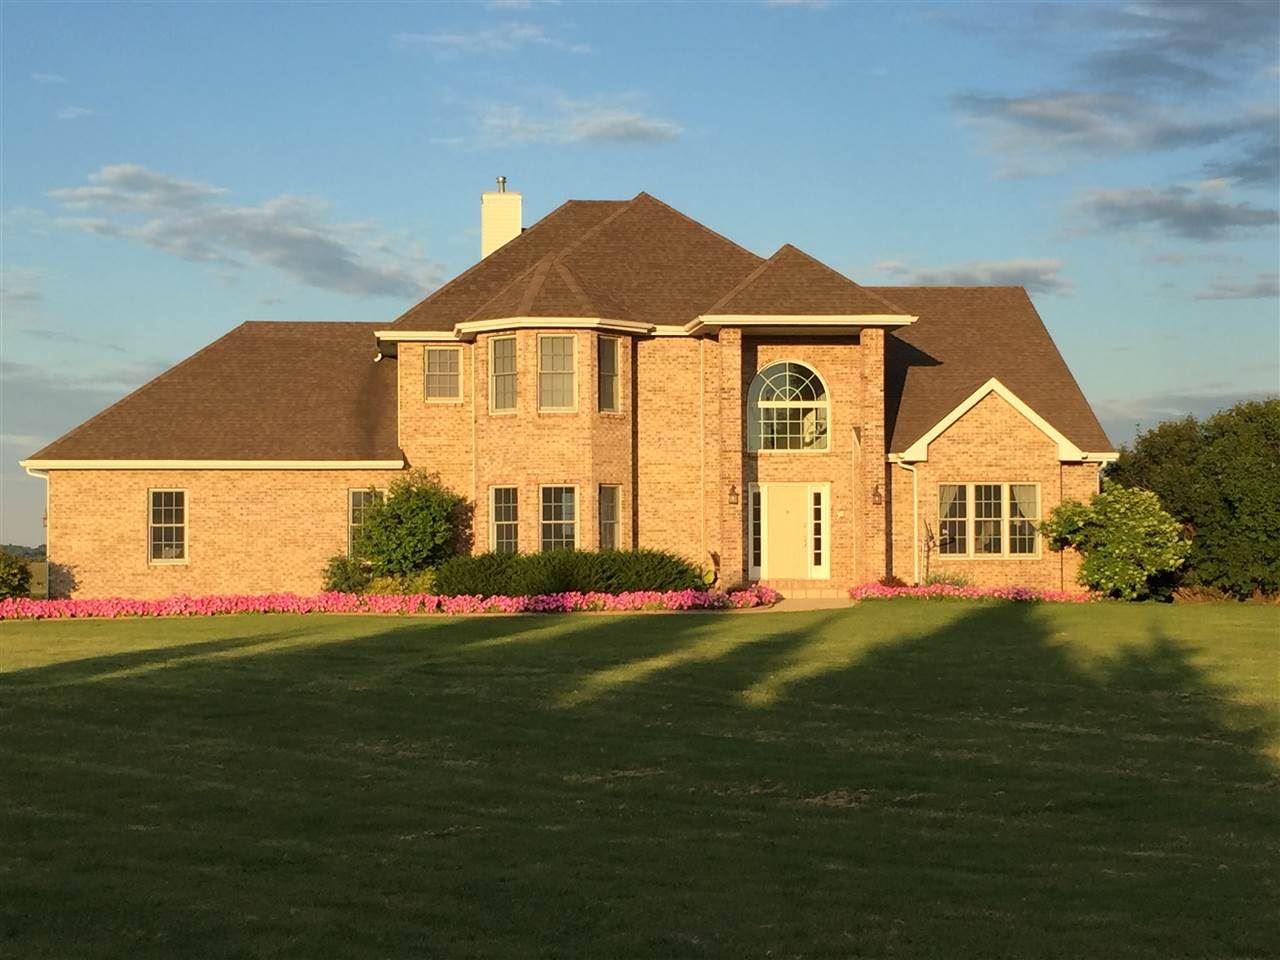 3251 Bailey Rd, Sun Prairie, WI 53590 - #: 1906532